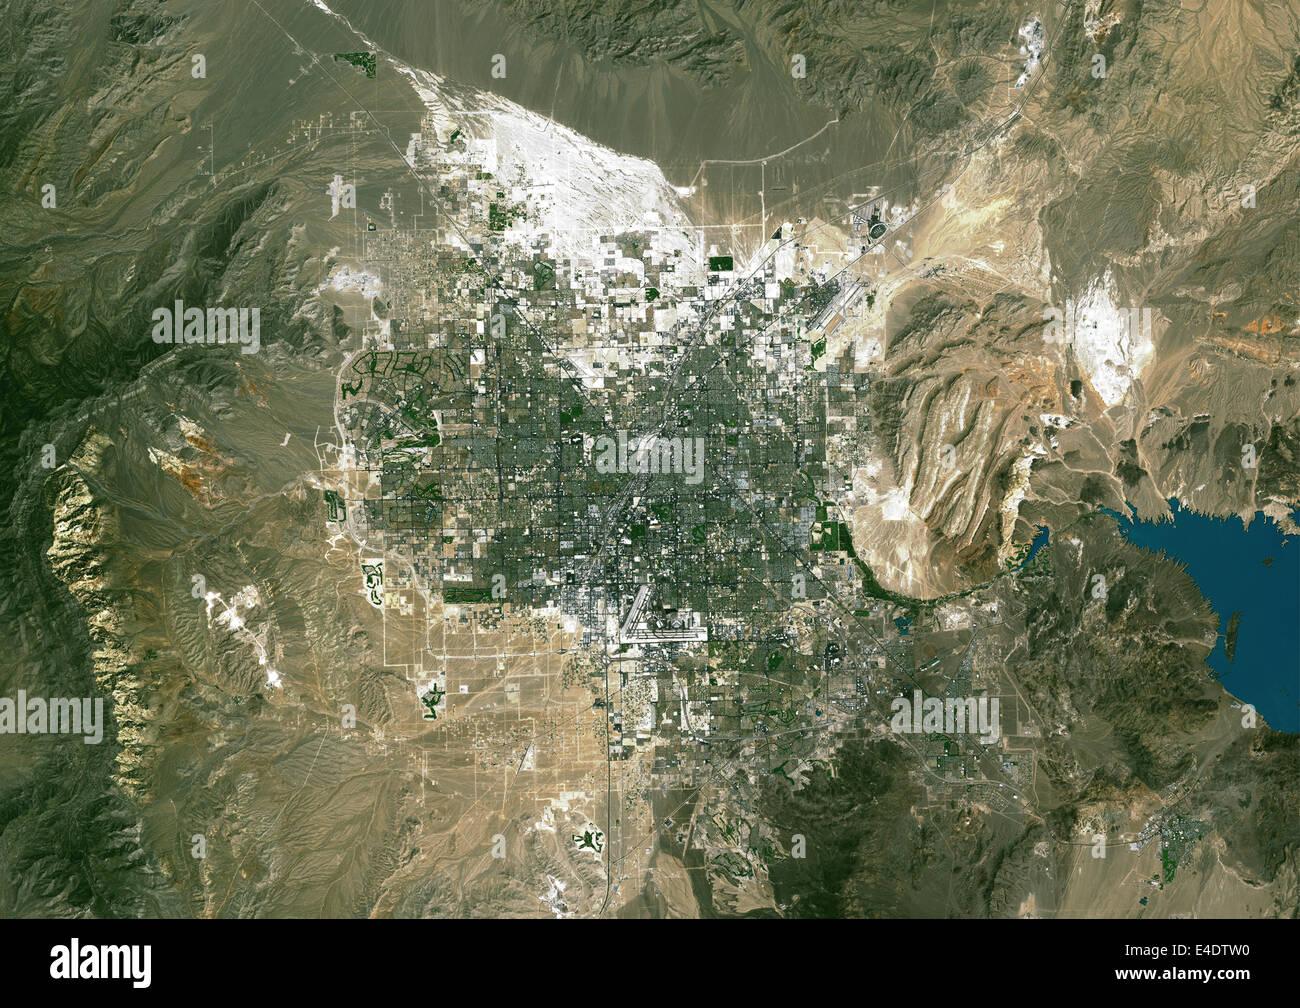 Las Vegas Nevada Usa True Colour Satellite Image Las Vegas Stock Photo Alamy